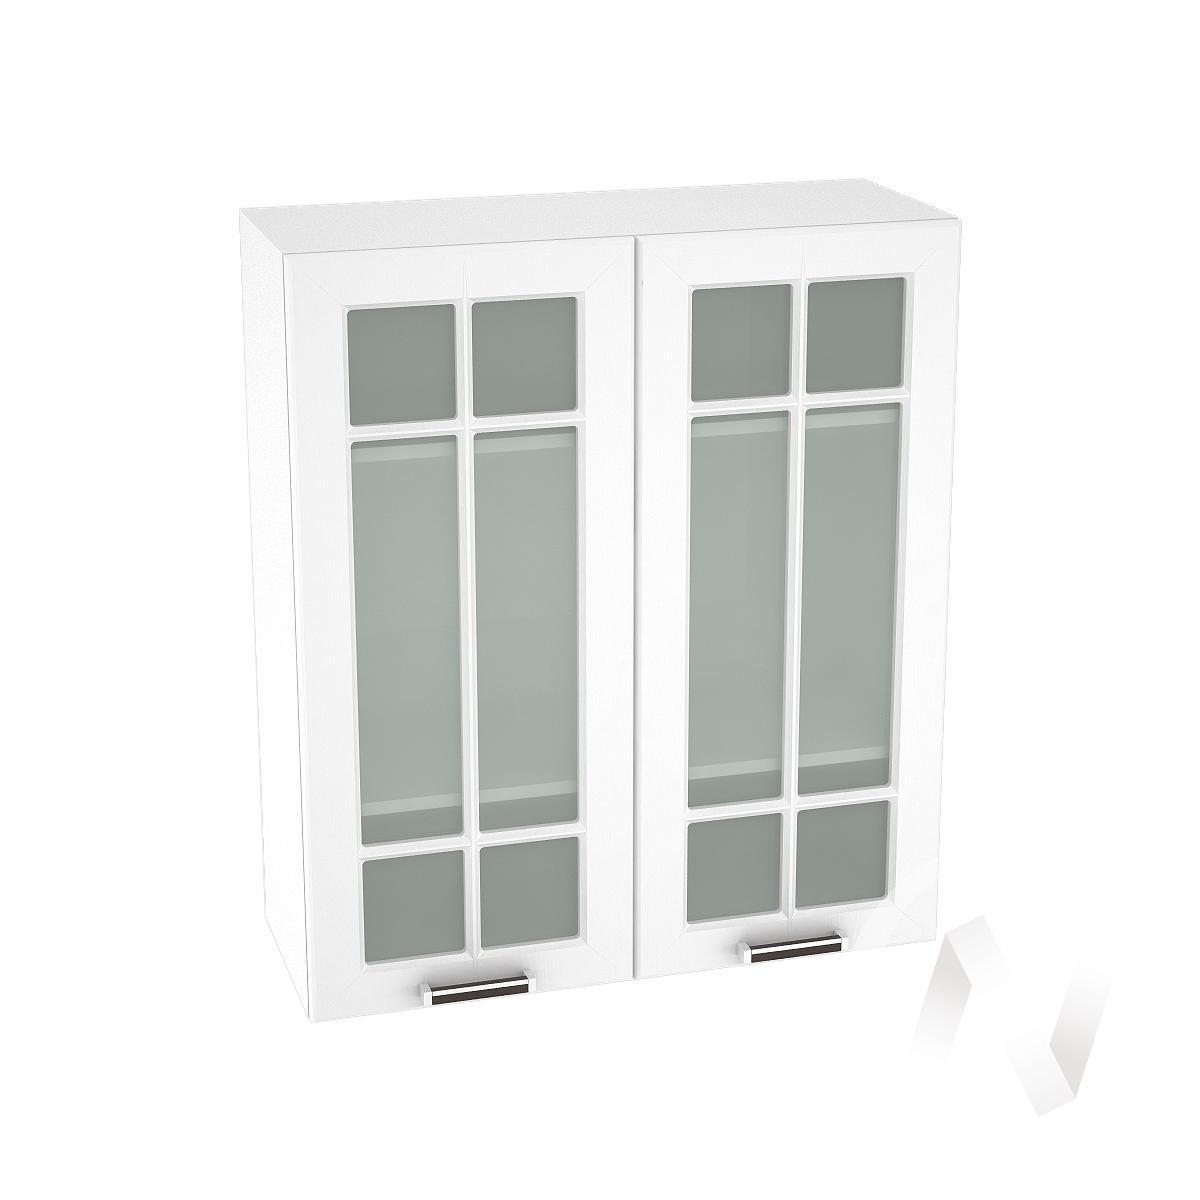 """Кухня """"Прага"""": Шкаф верхний со стеклом 809, ШВС 809 новый (белое дерево/корпус белый)"""